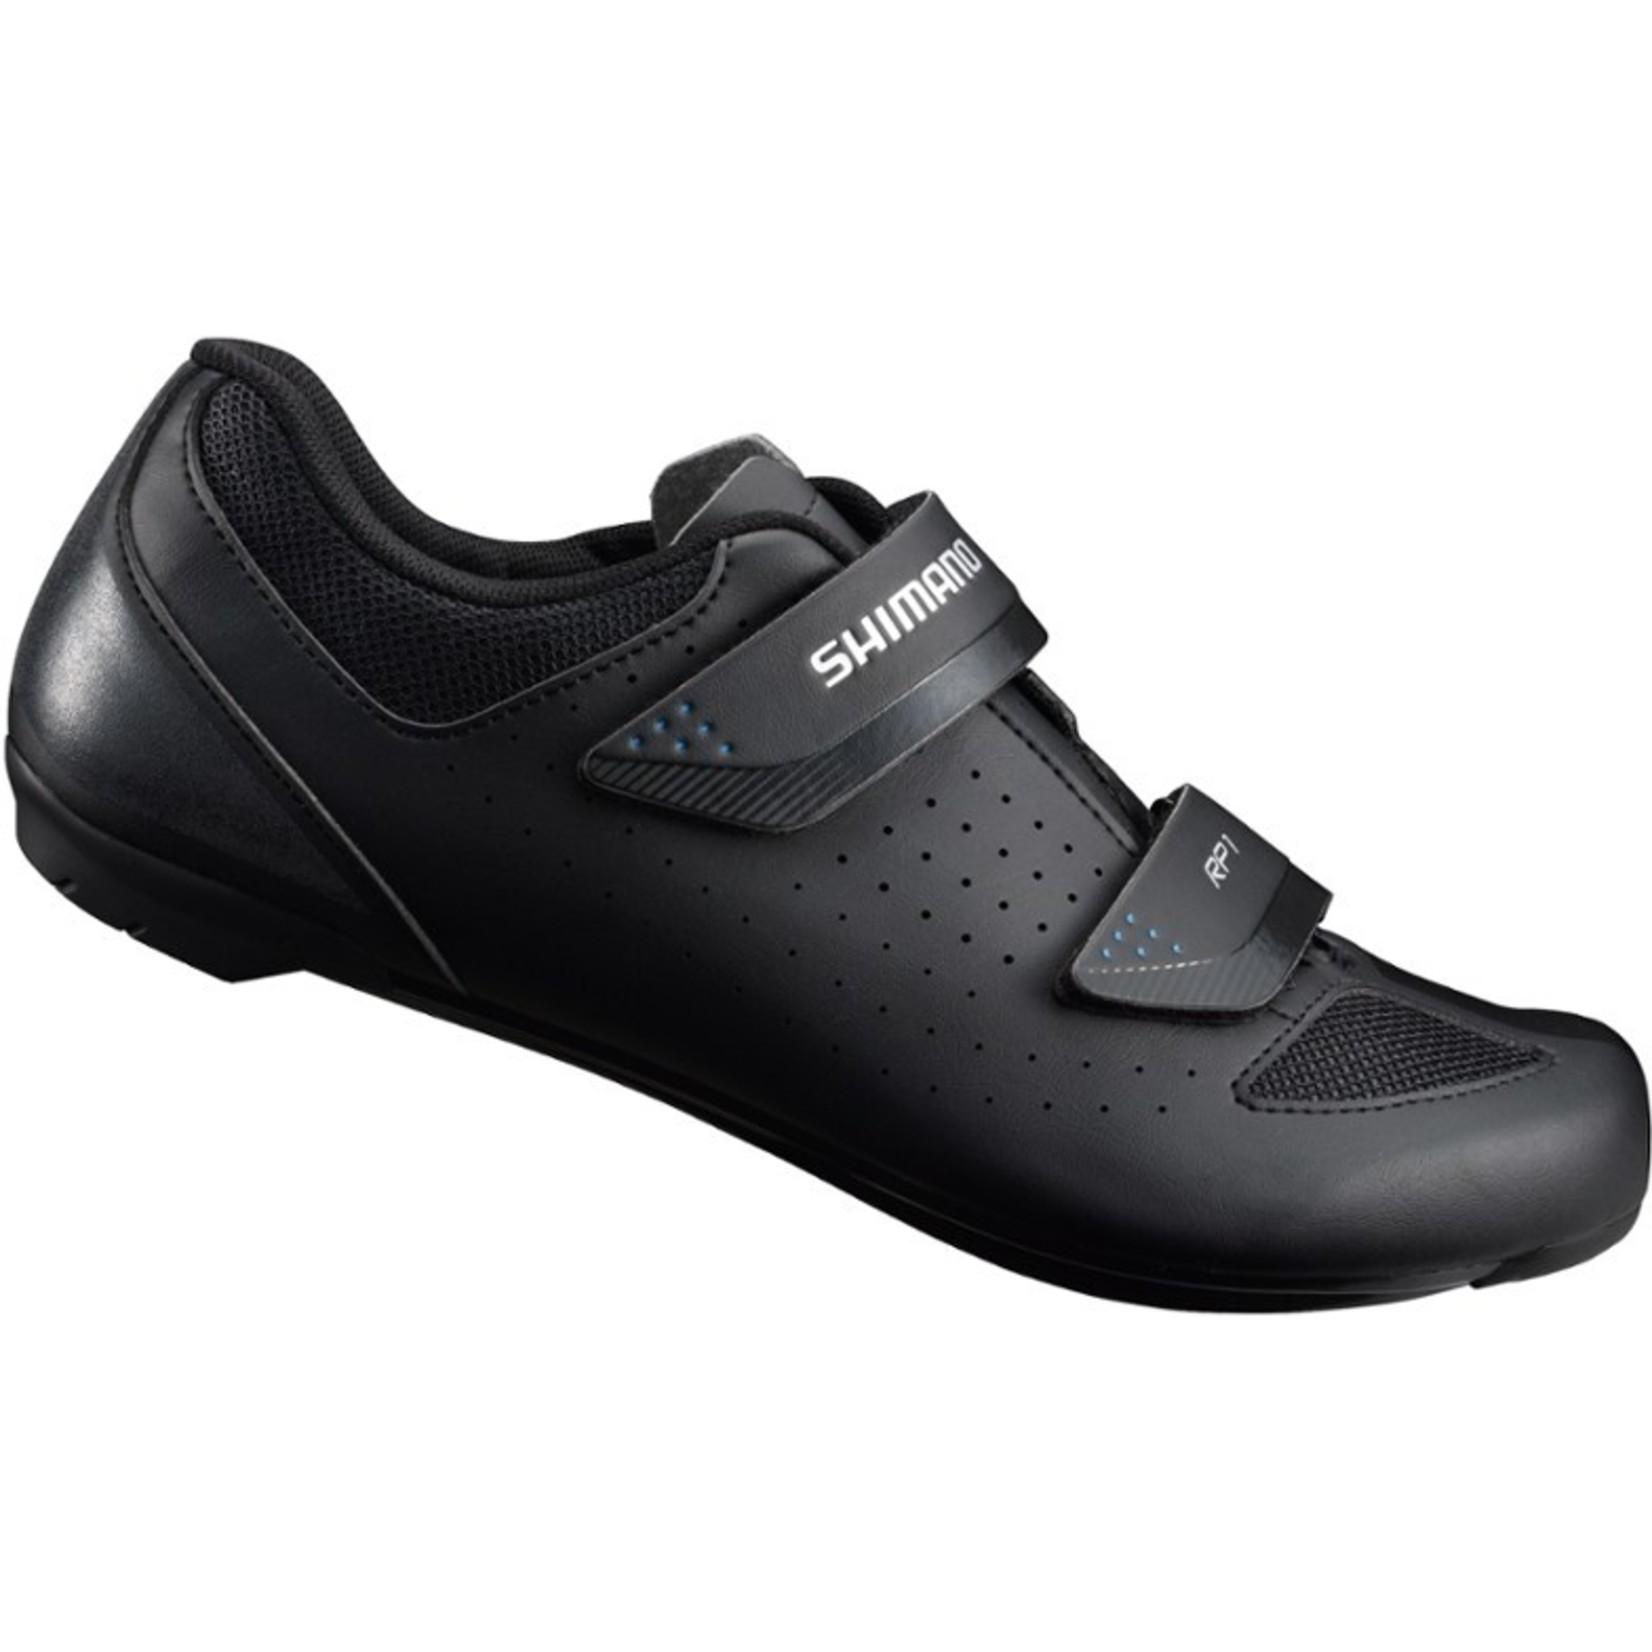 Shimano Shoe Shim SH-RP1 Black 42